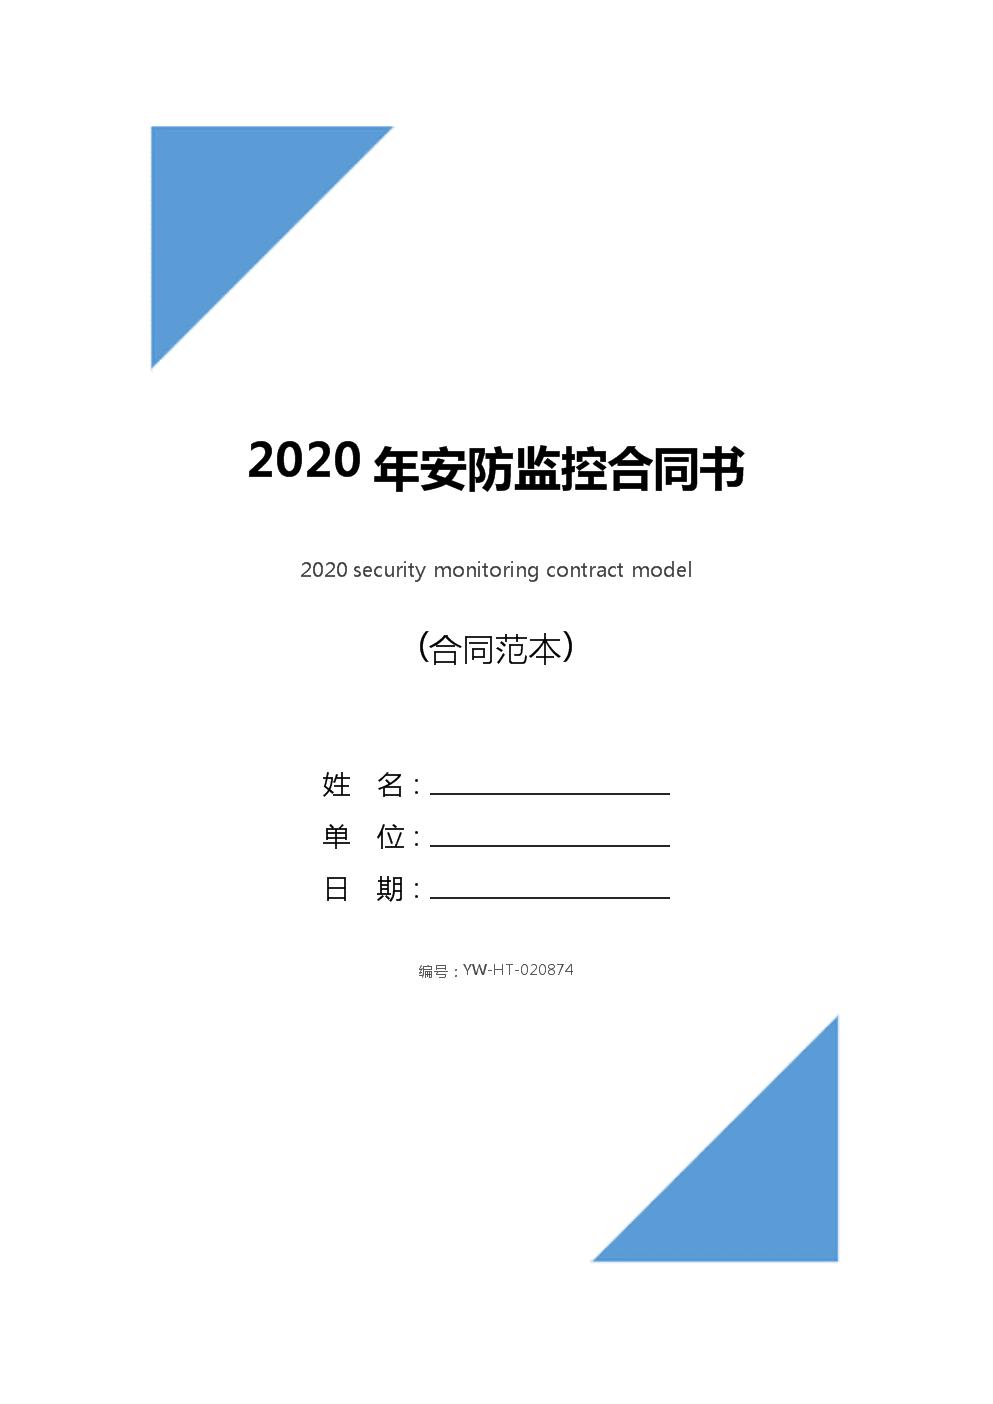 2020年安防监控合同书.docx